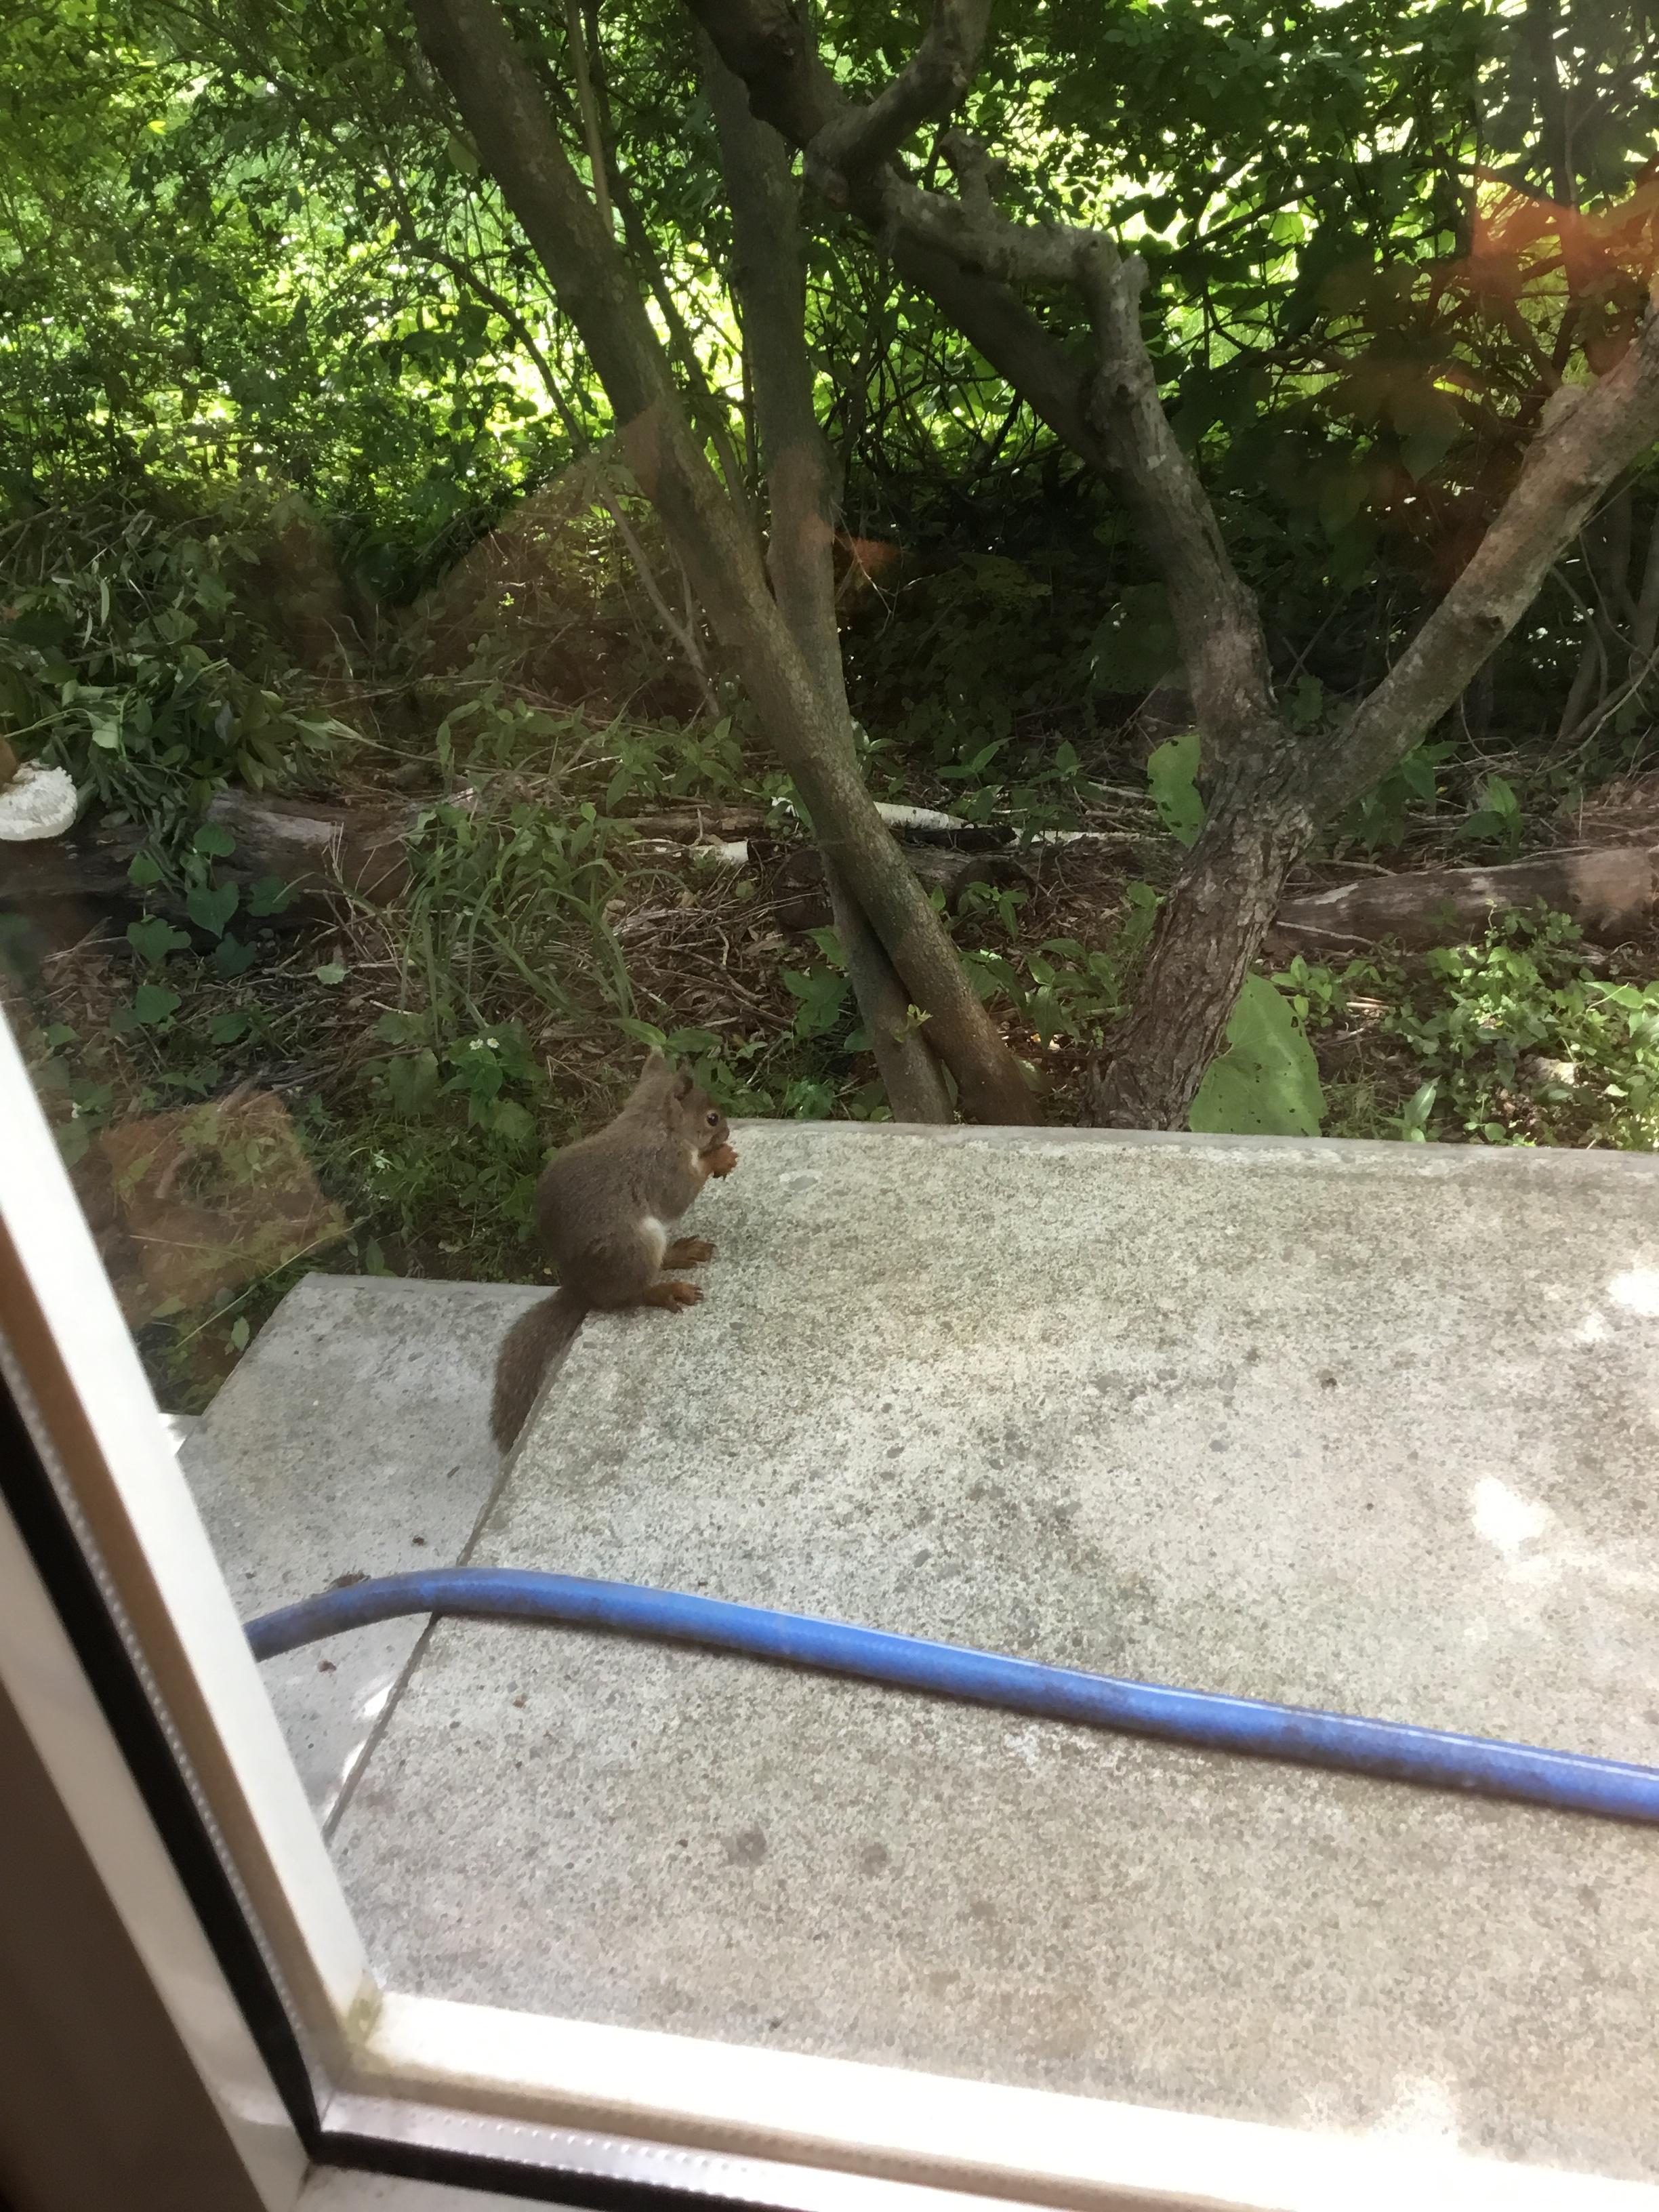 【八戸】野生動物の癒し 外壁塗装 屋根塗装 塗装業者 塗装屋 塗装会社